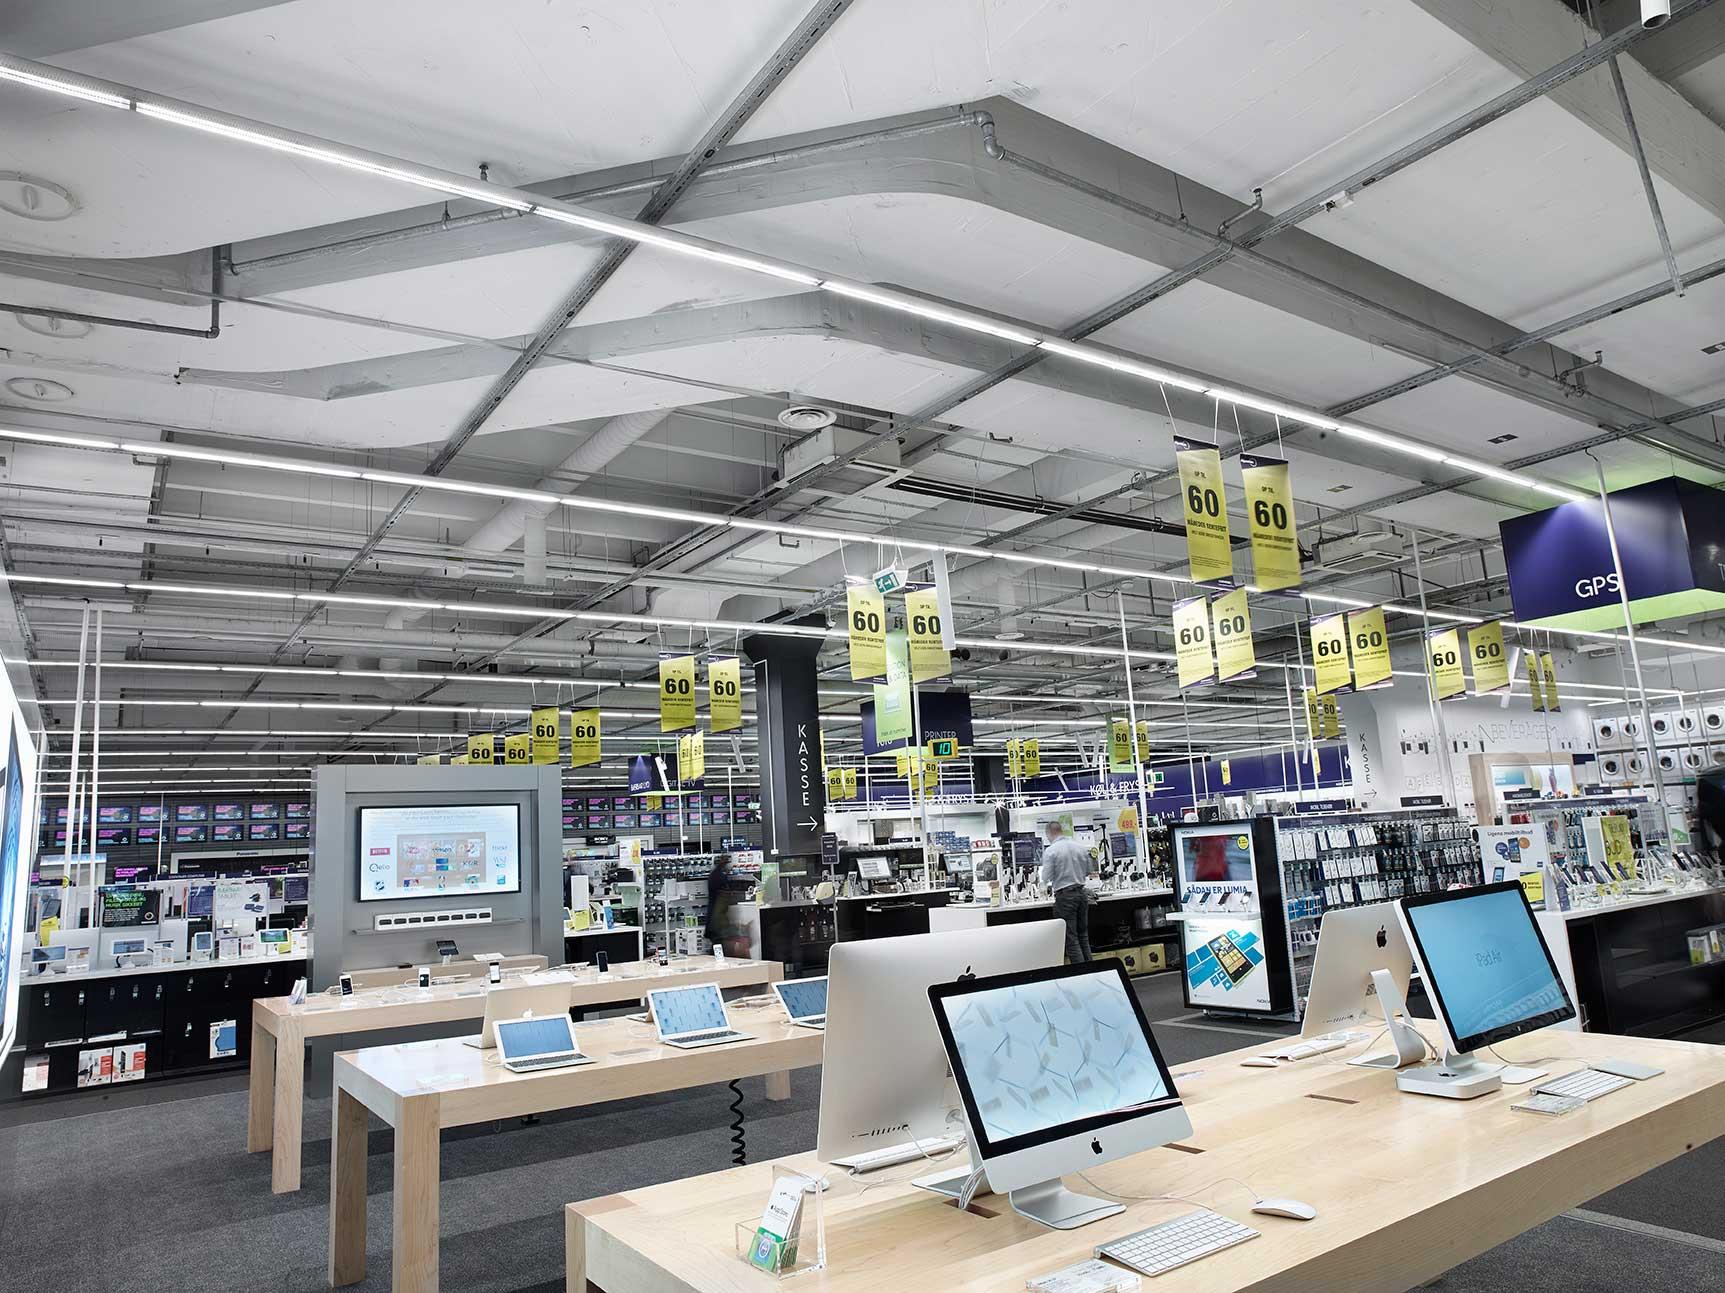 Linia indsats monteret i skinnesystem nedhængt fra loft i butik RIDI produkt - Luminex